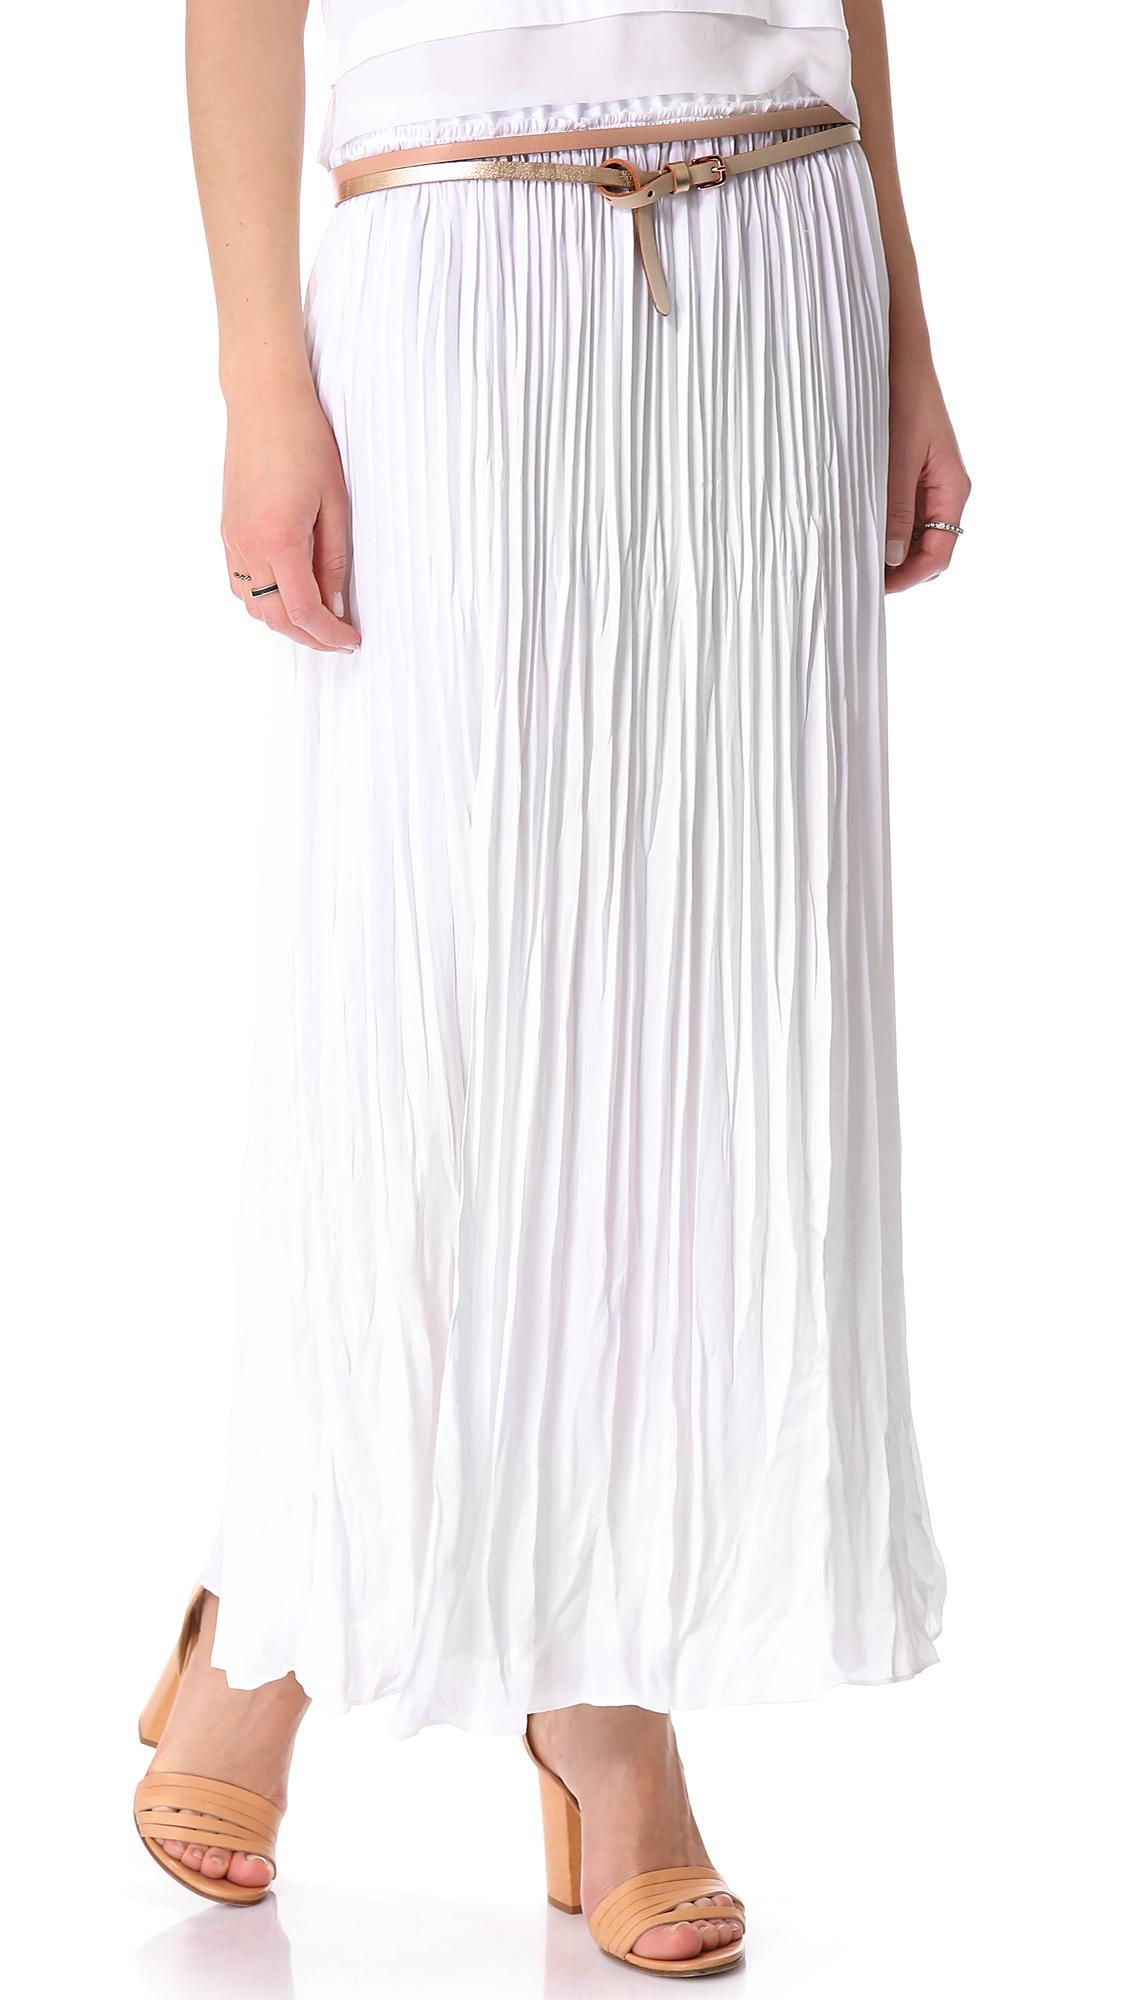 e00aeeefa6e0 Pleated Maxi Skirt Shopstyle